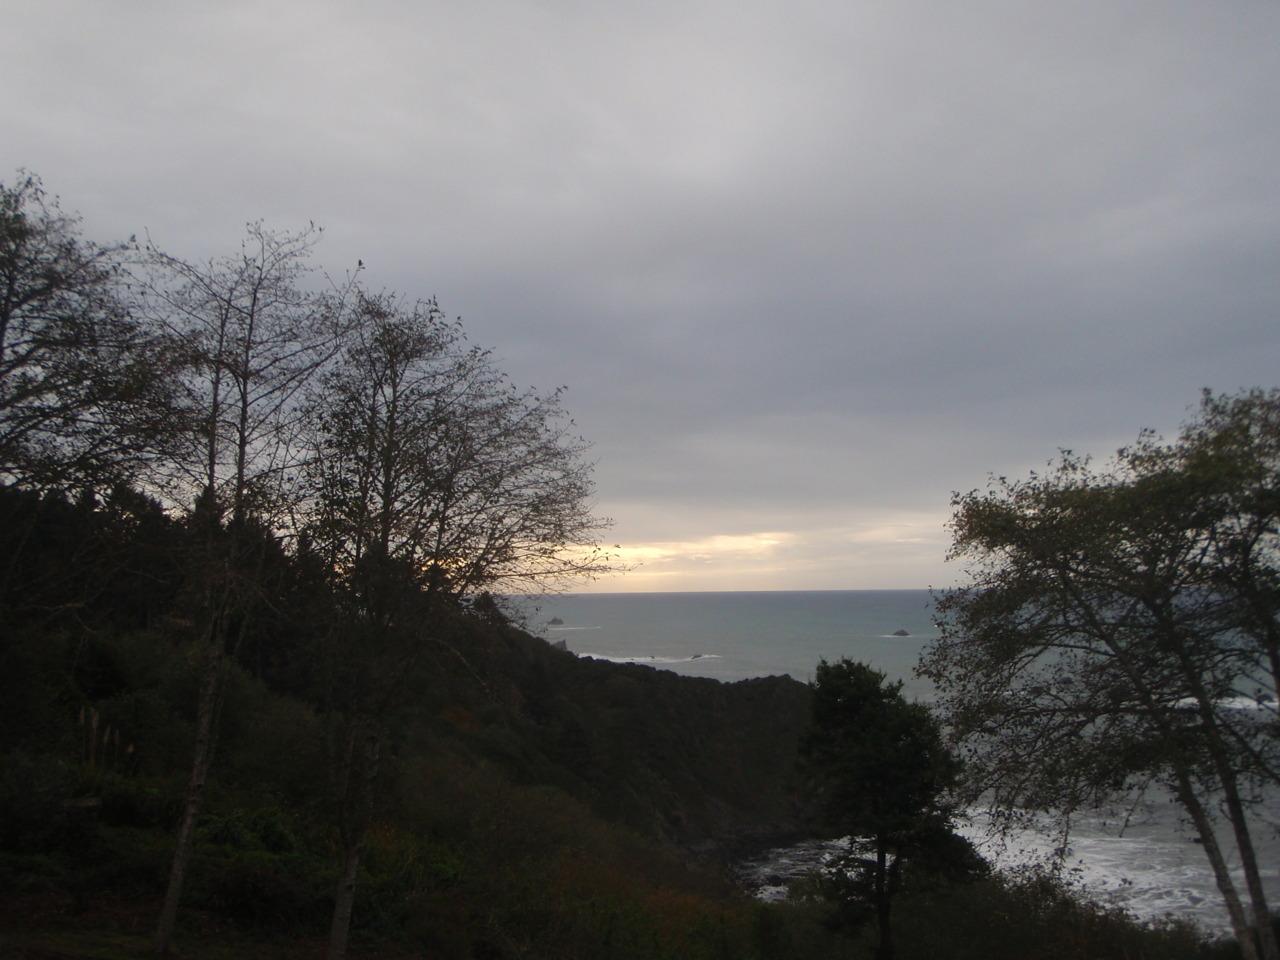 Pacific Ocean from Trinidad, CA